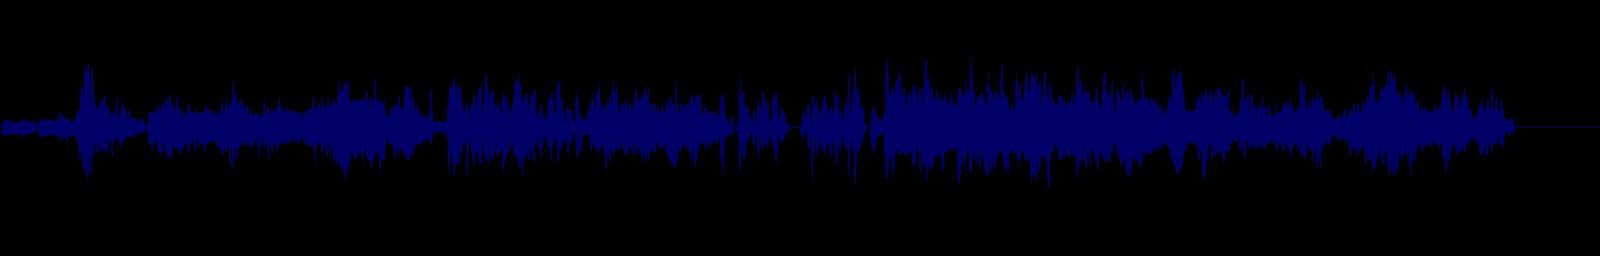 waveform of track #93166